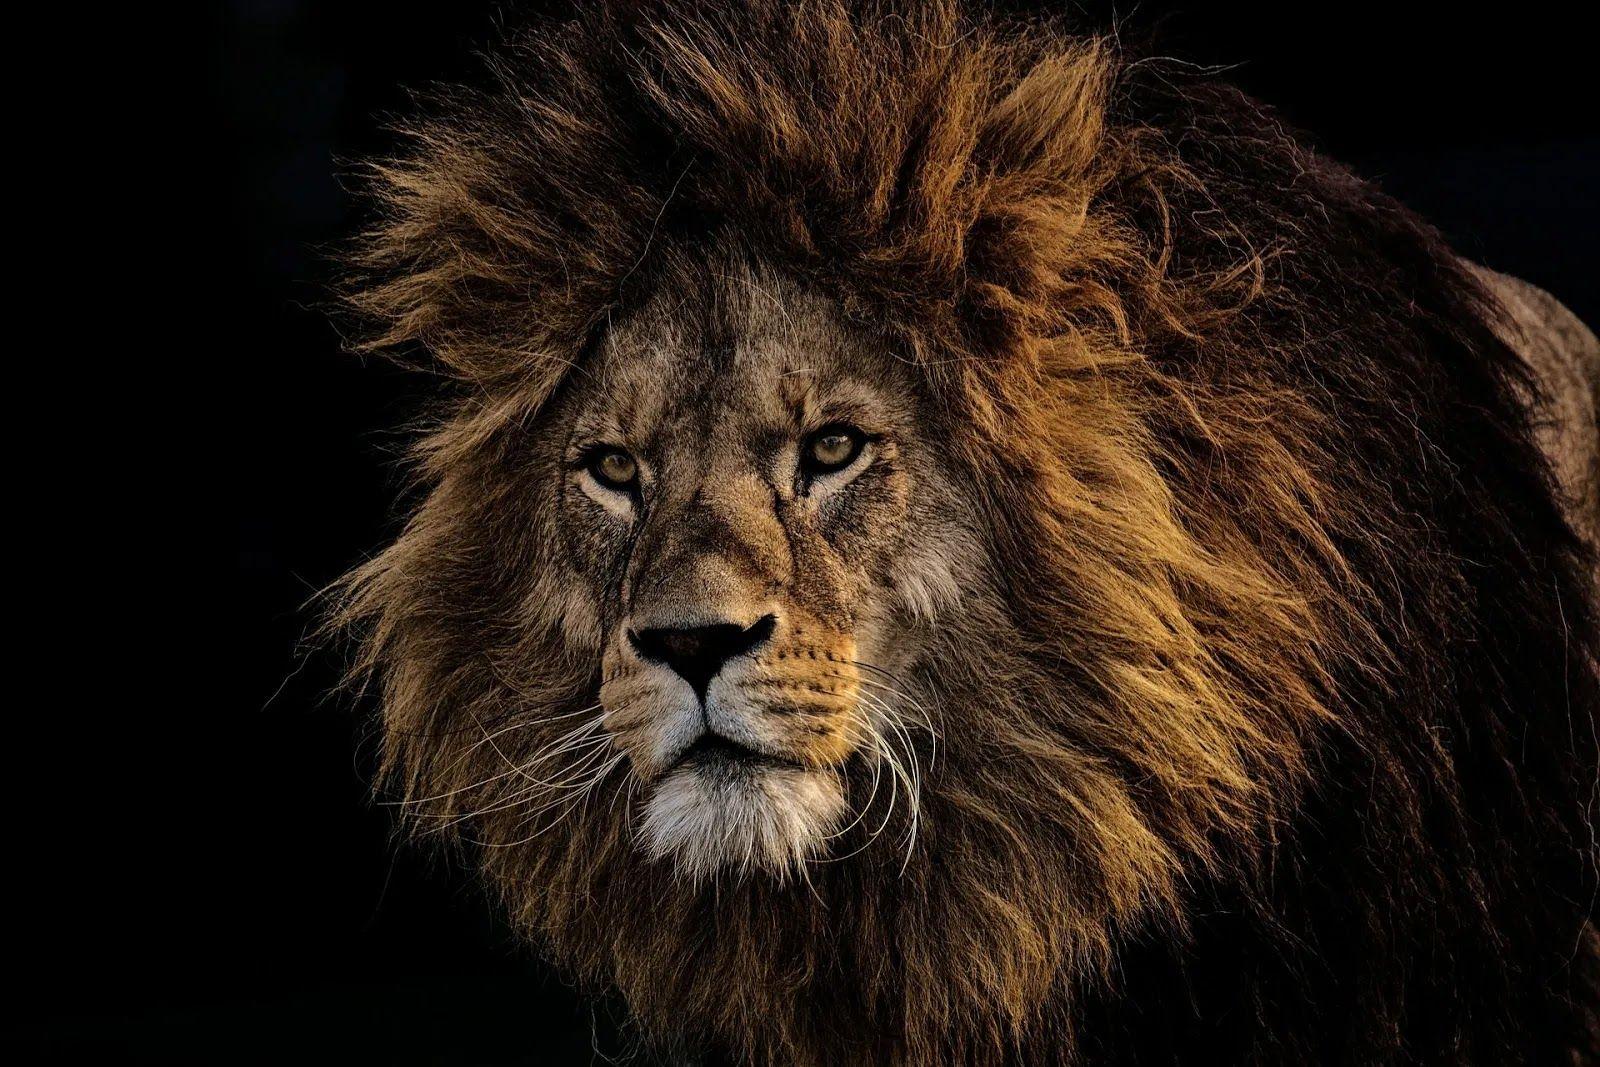 صور لحيوان الأسد المفترس Hd Big Cats Animals Lion Pictures